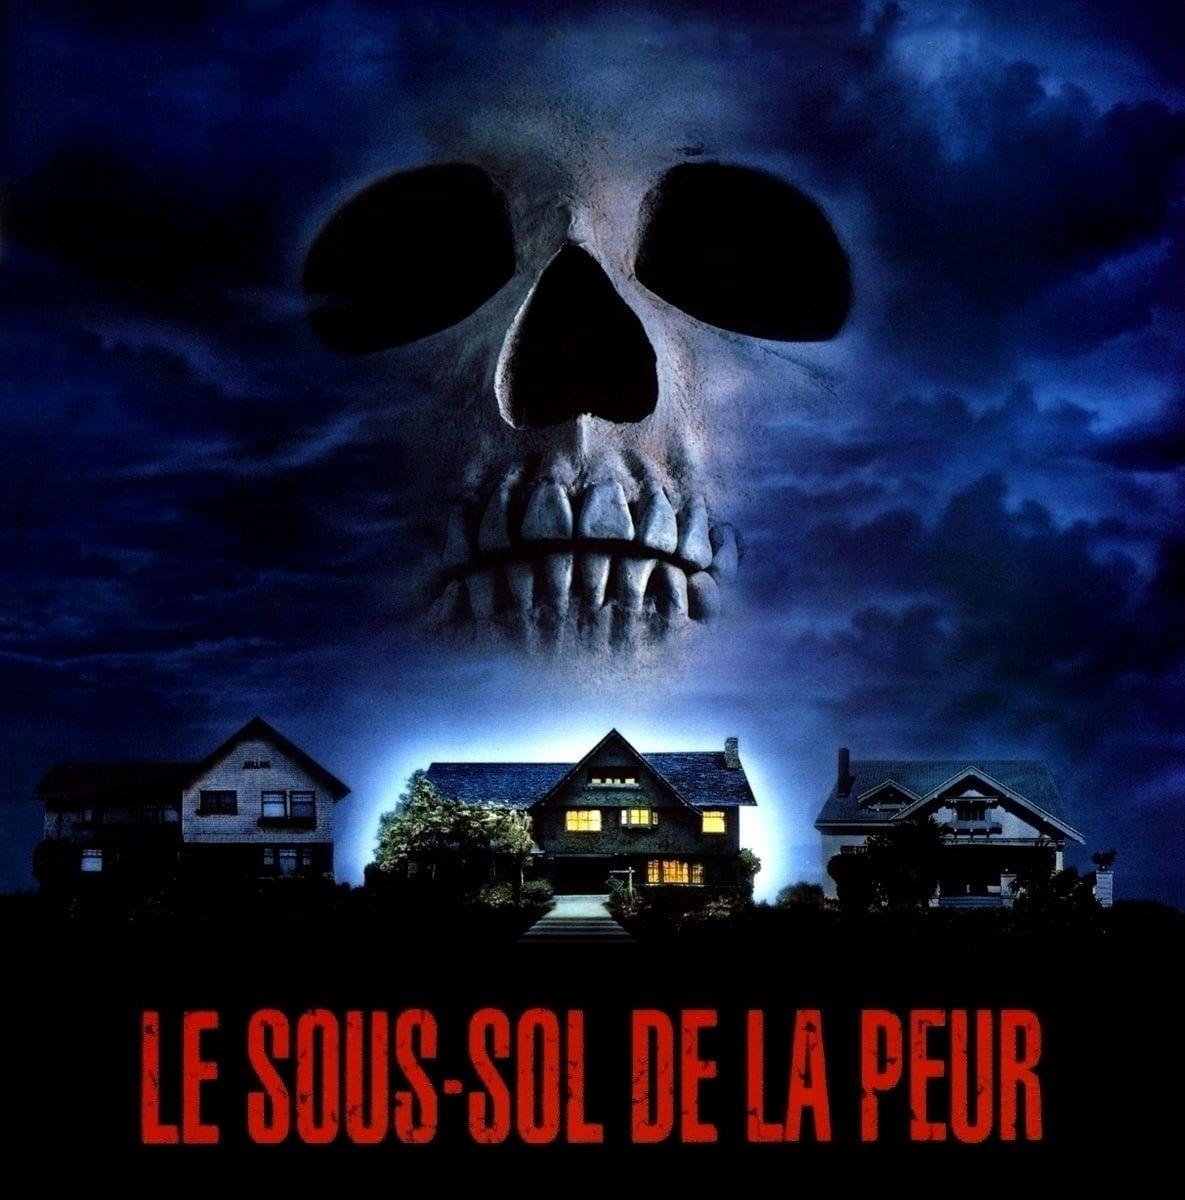 Le Sous-sol de la peur - Film (9)